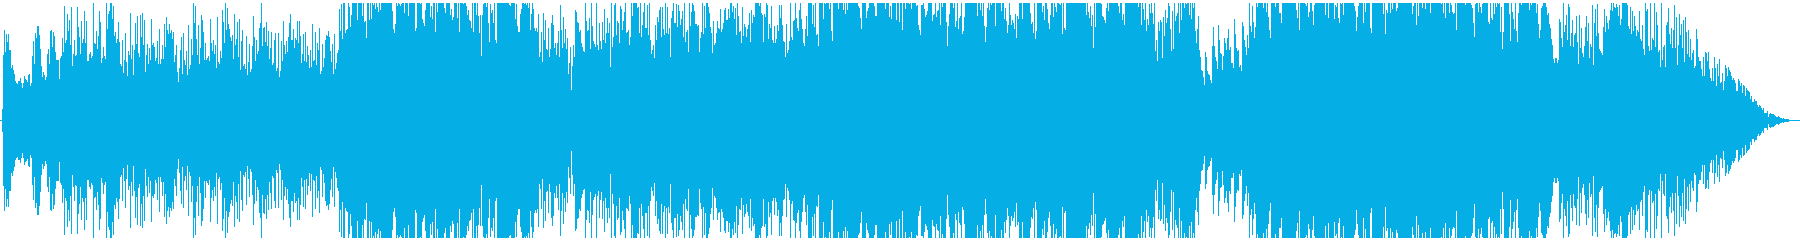 漂うような浮遊感のヒーリング曲*メロ抜きの再生済みの波形